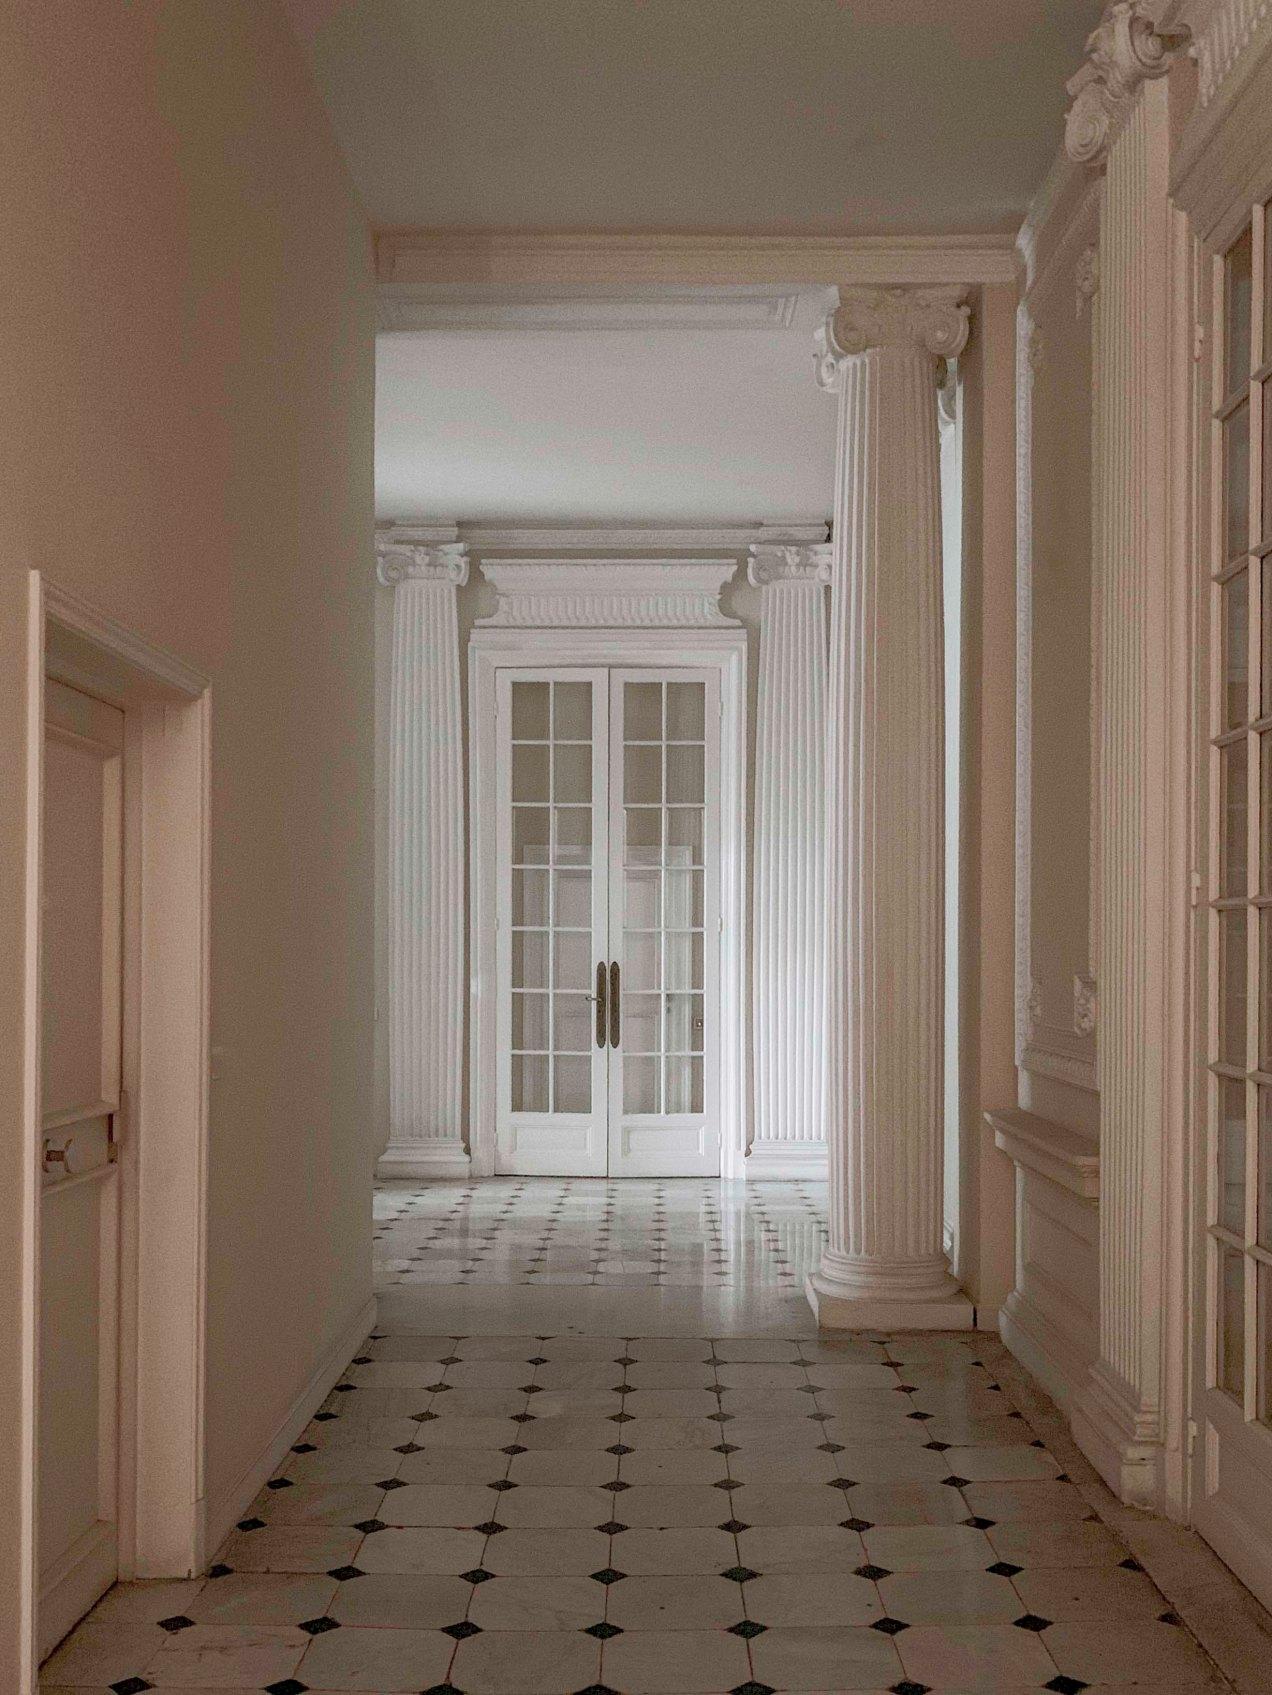 Villa  Starzynski, Entrée, Nice, promenade des Anglais, gildalliere, 2019